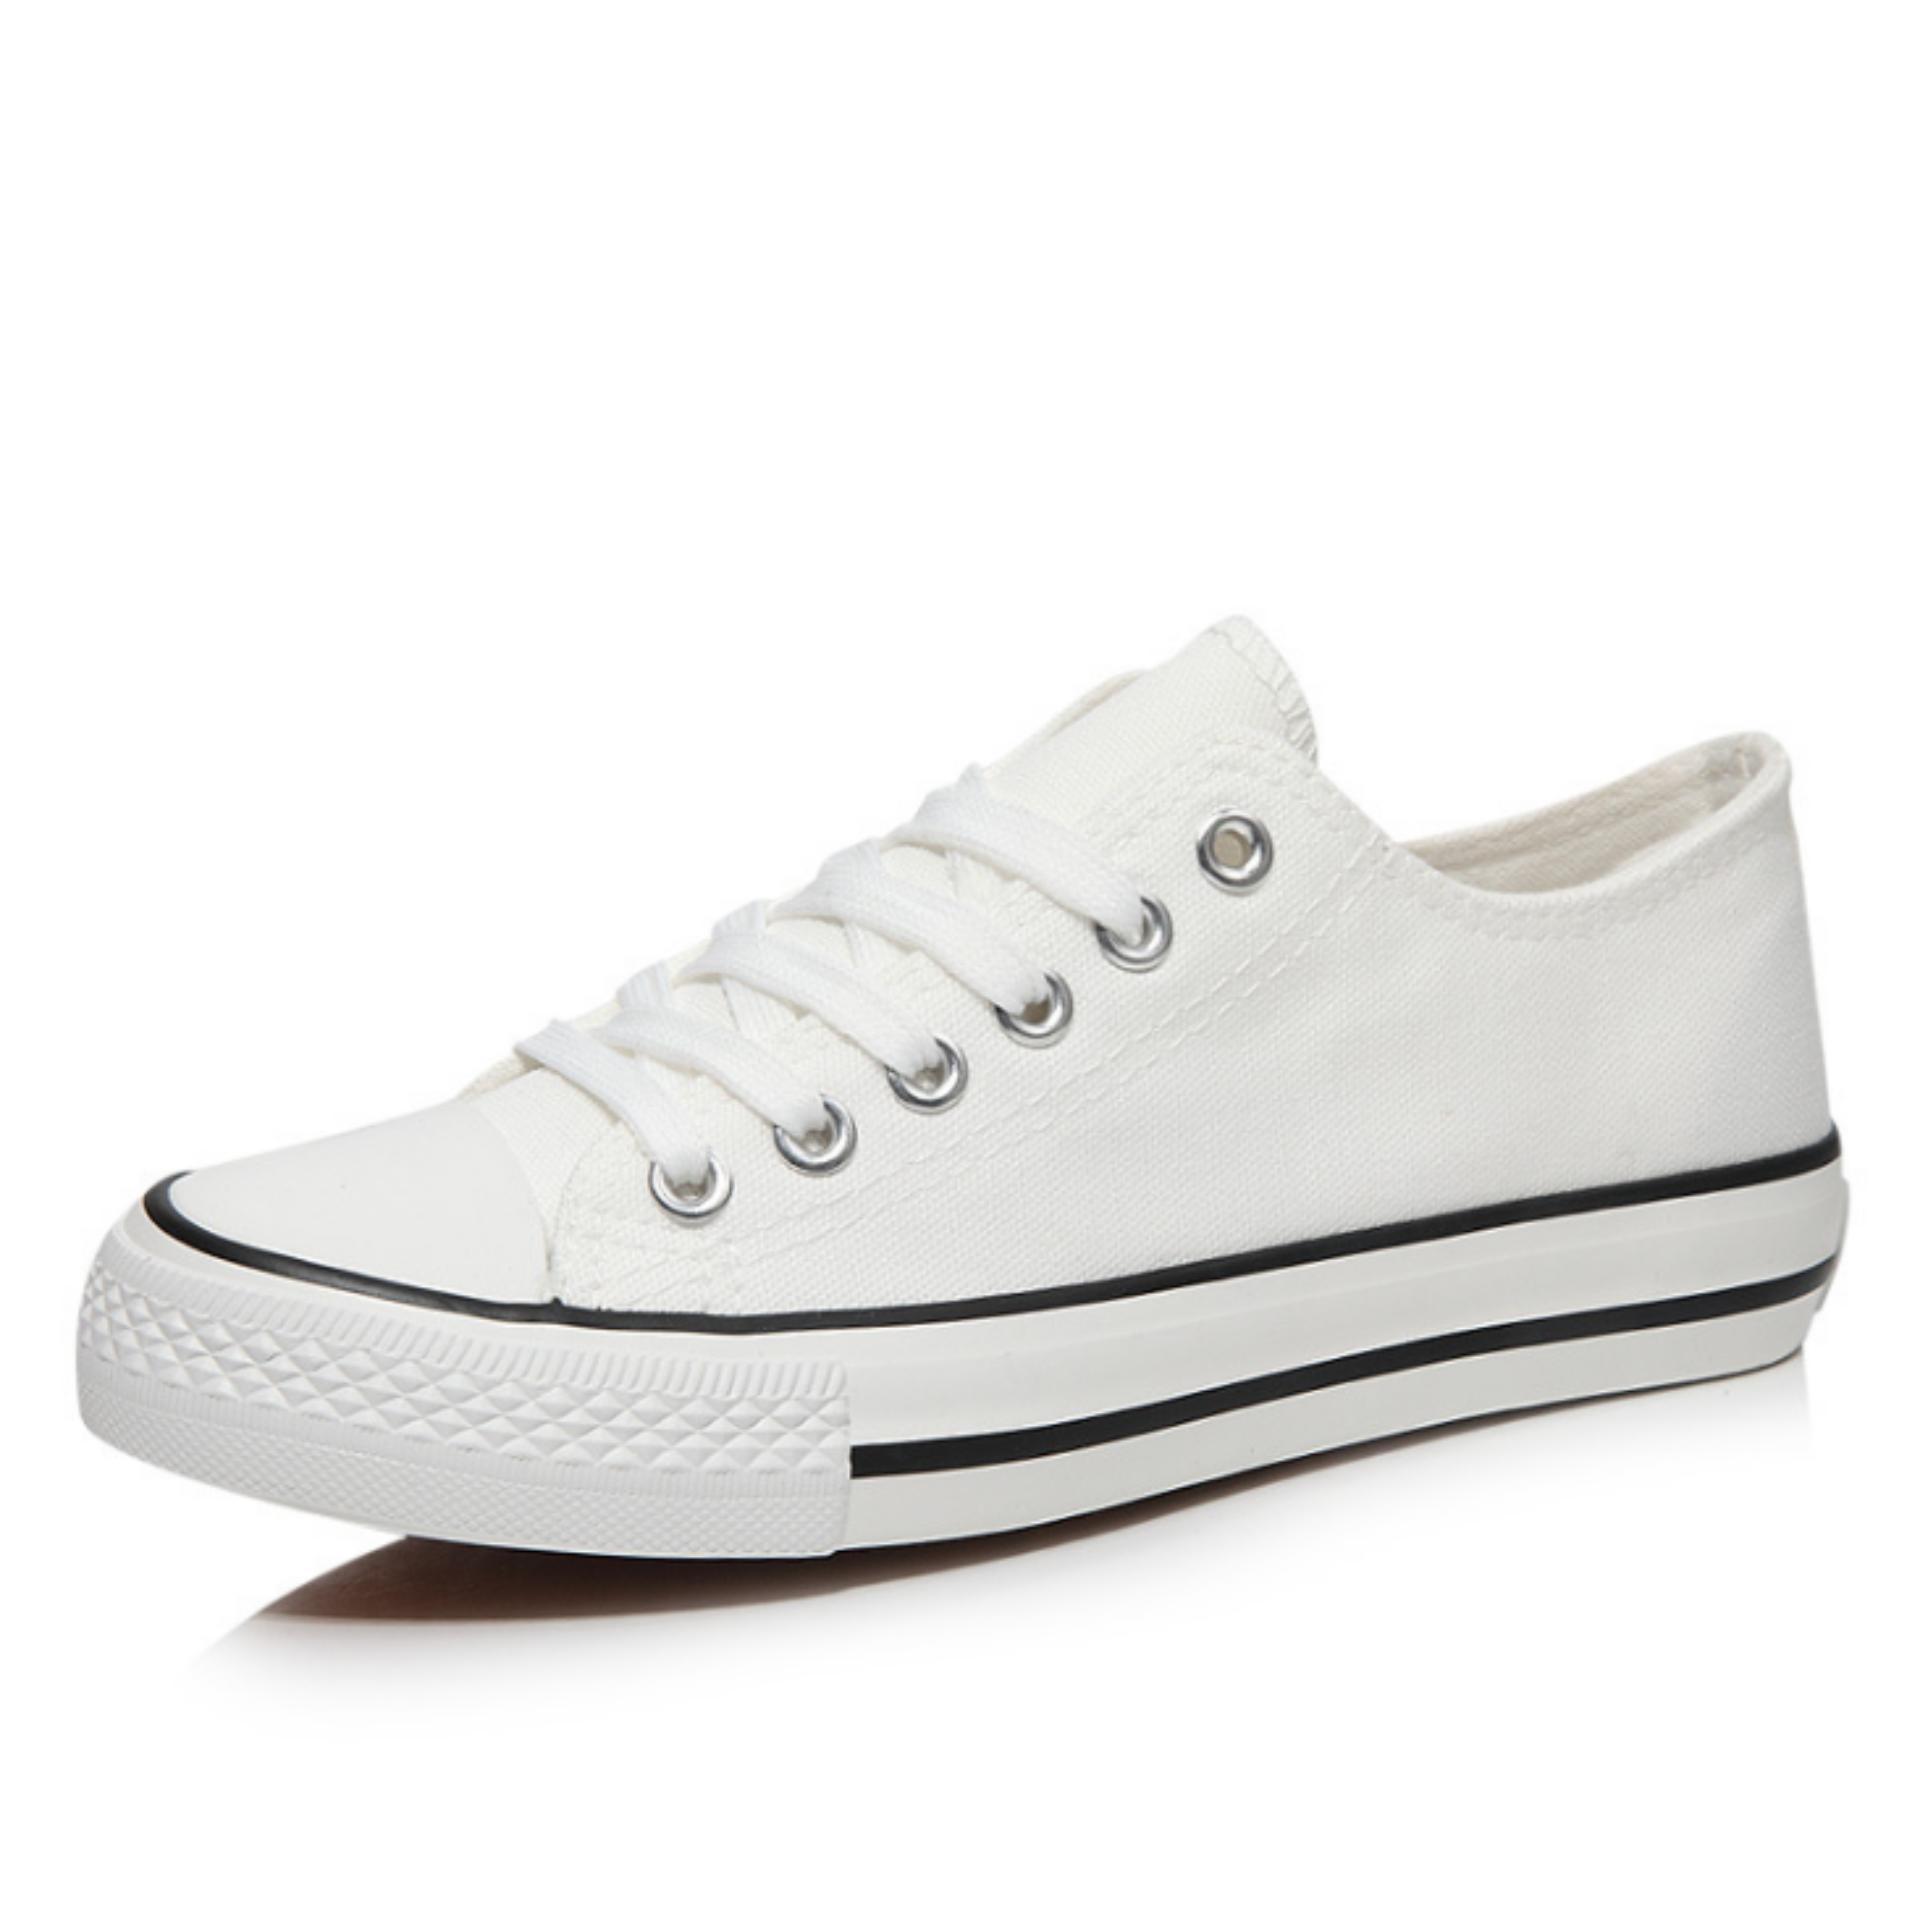 Giày sneaker nữ CV thấp cổ ZAVANS (Trắng)